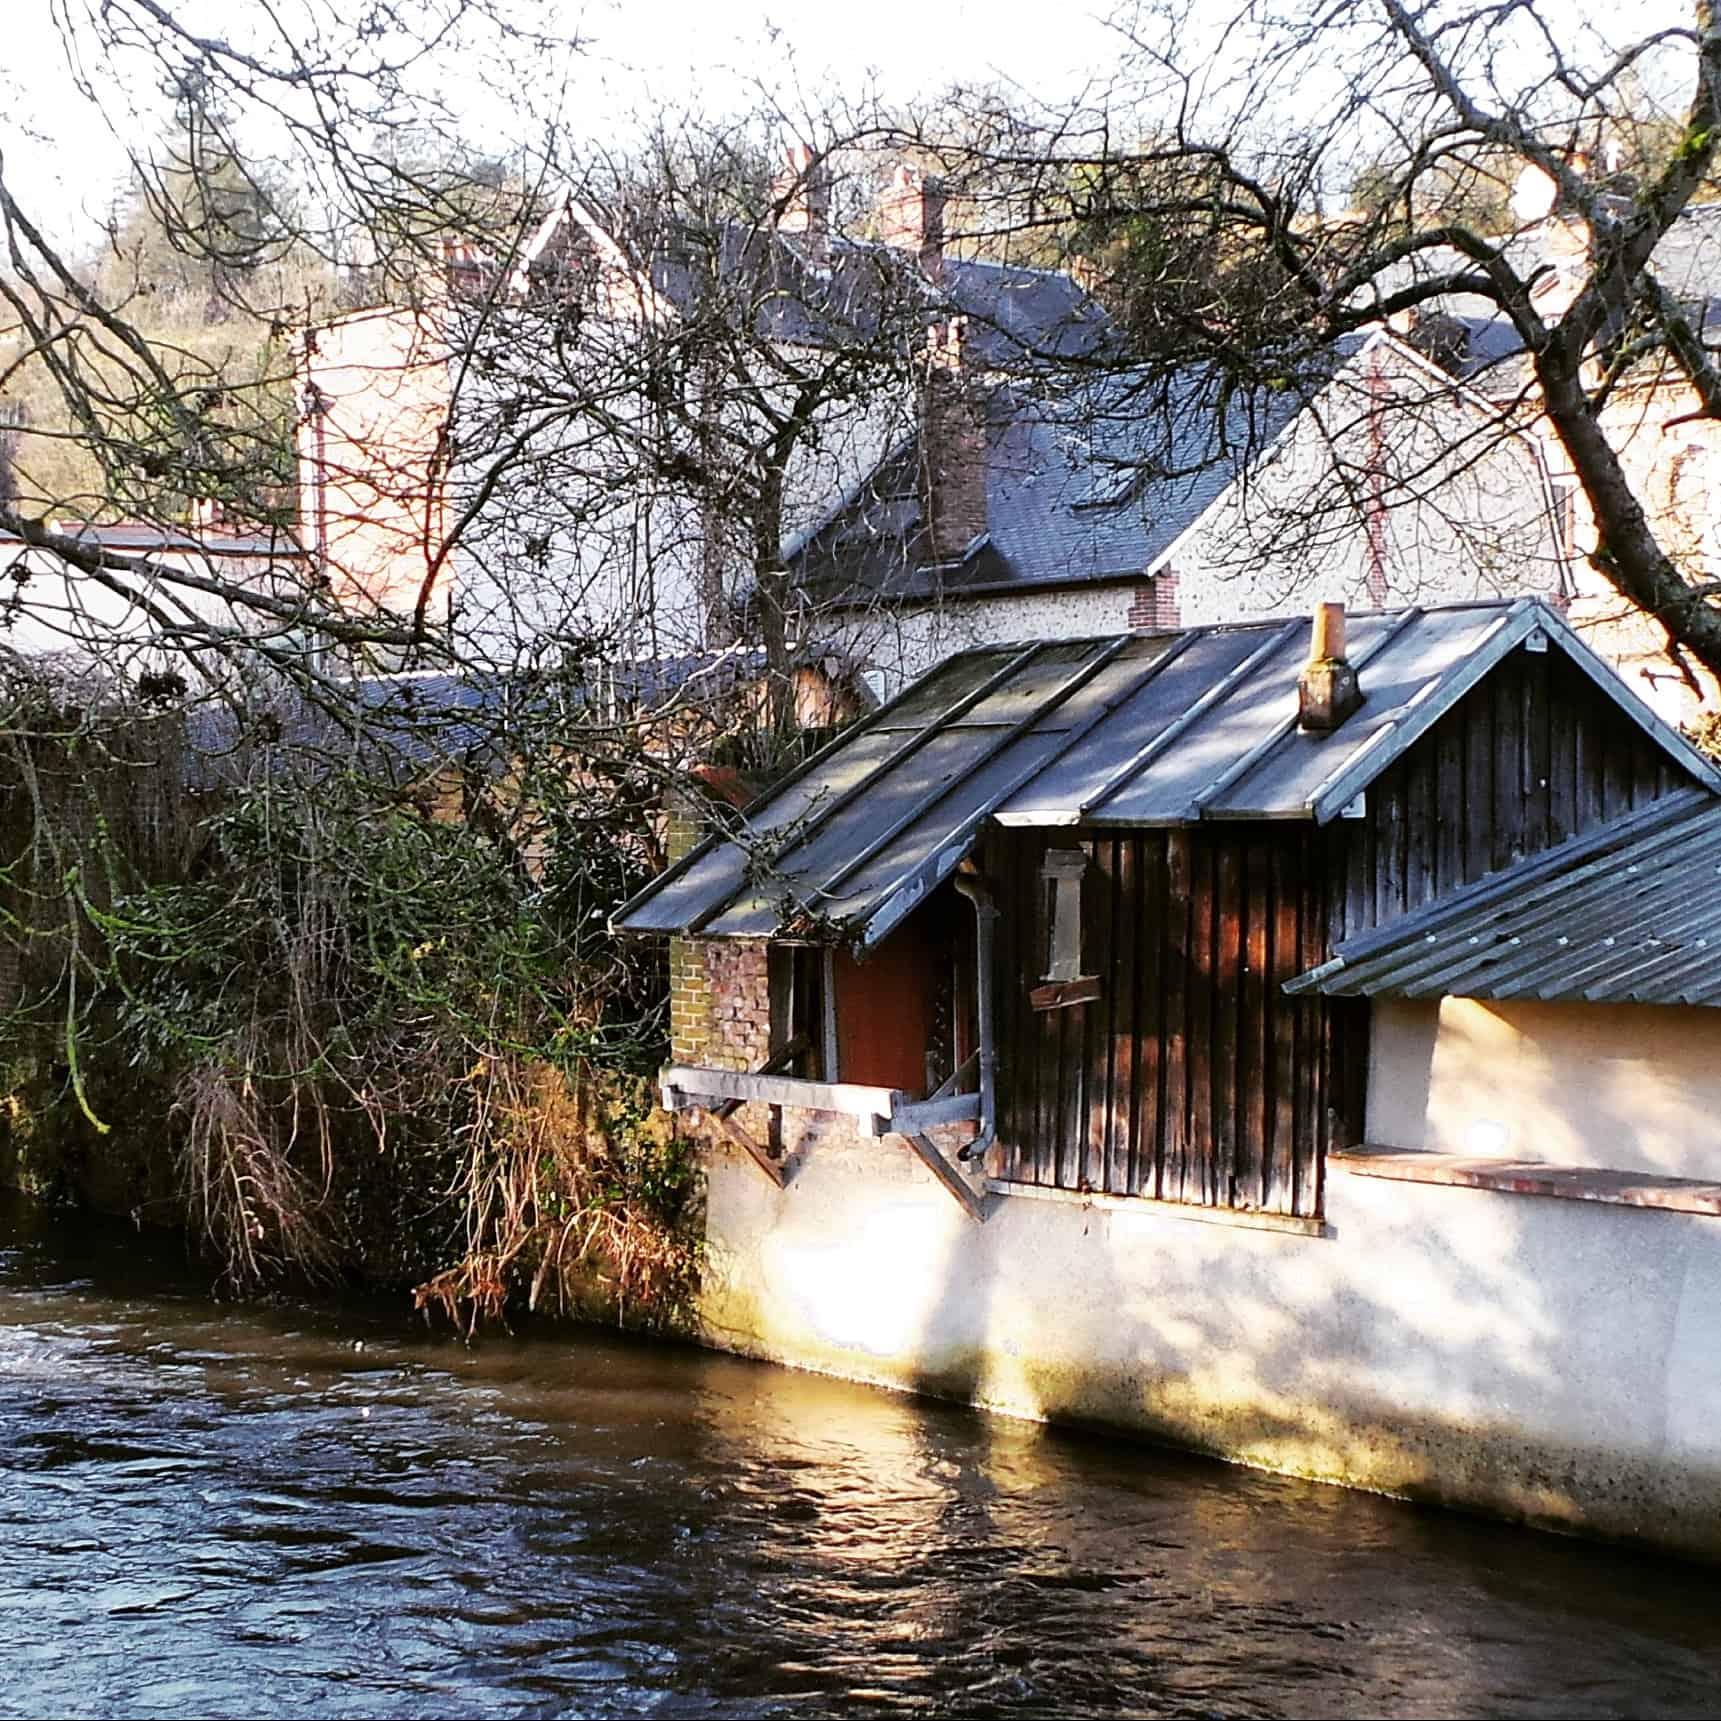 La rivière de l'Iton et son petit lavoir dans le centre d'Evreux